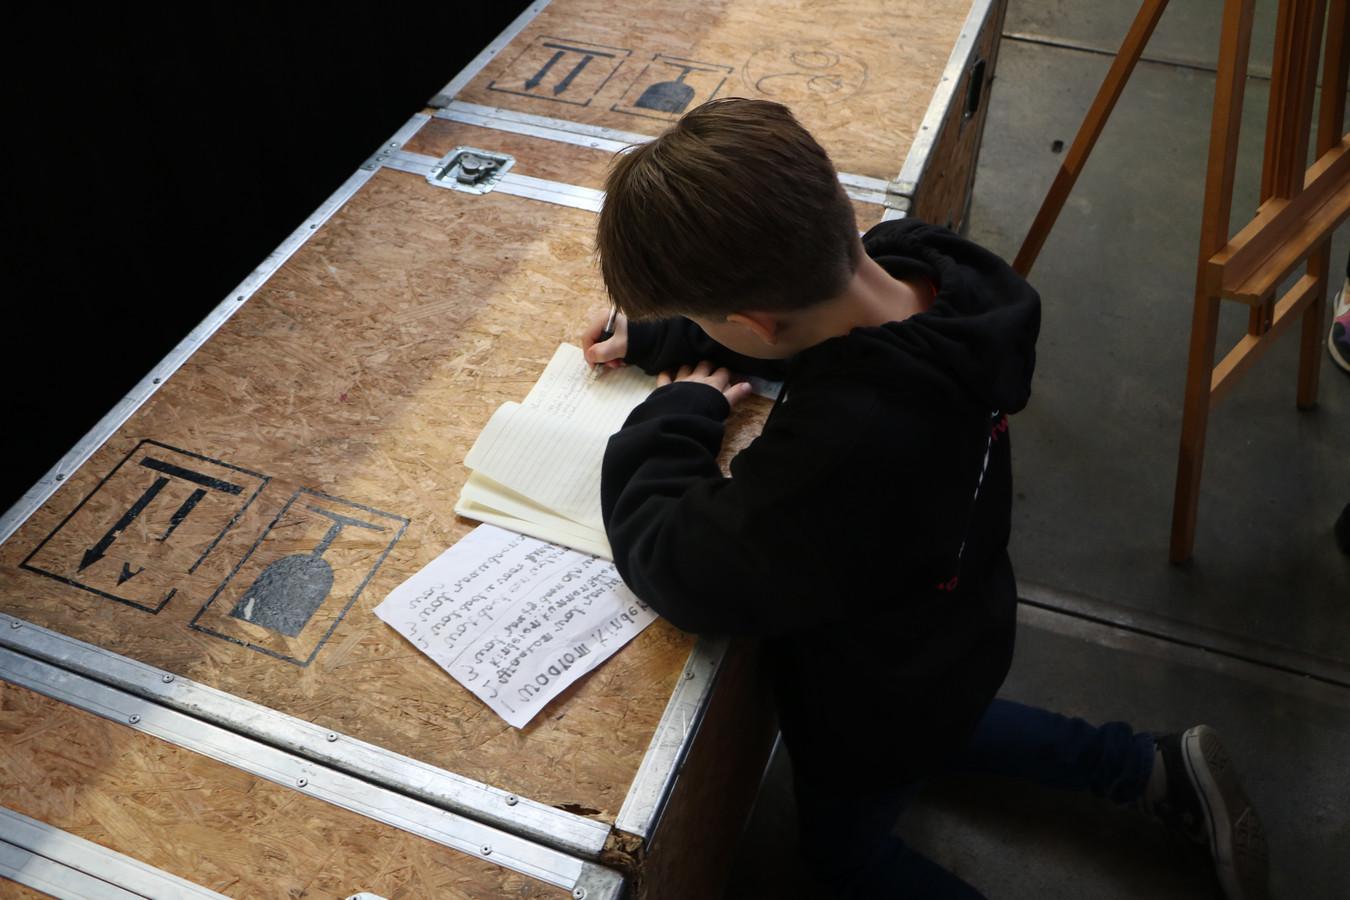 Mees Nieuwenhuis (10) wil later journalist worden en maakt voor zijn schoolkrant en de GGD een verslag van de dag van de kinderrechten.